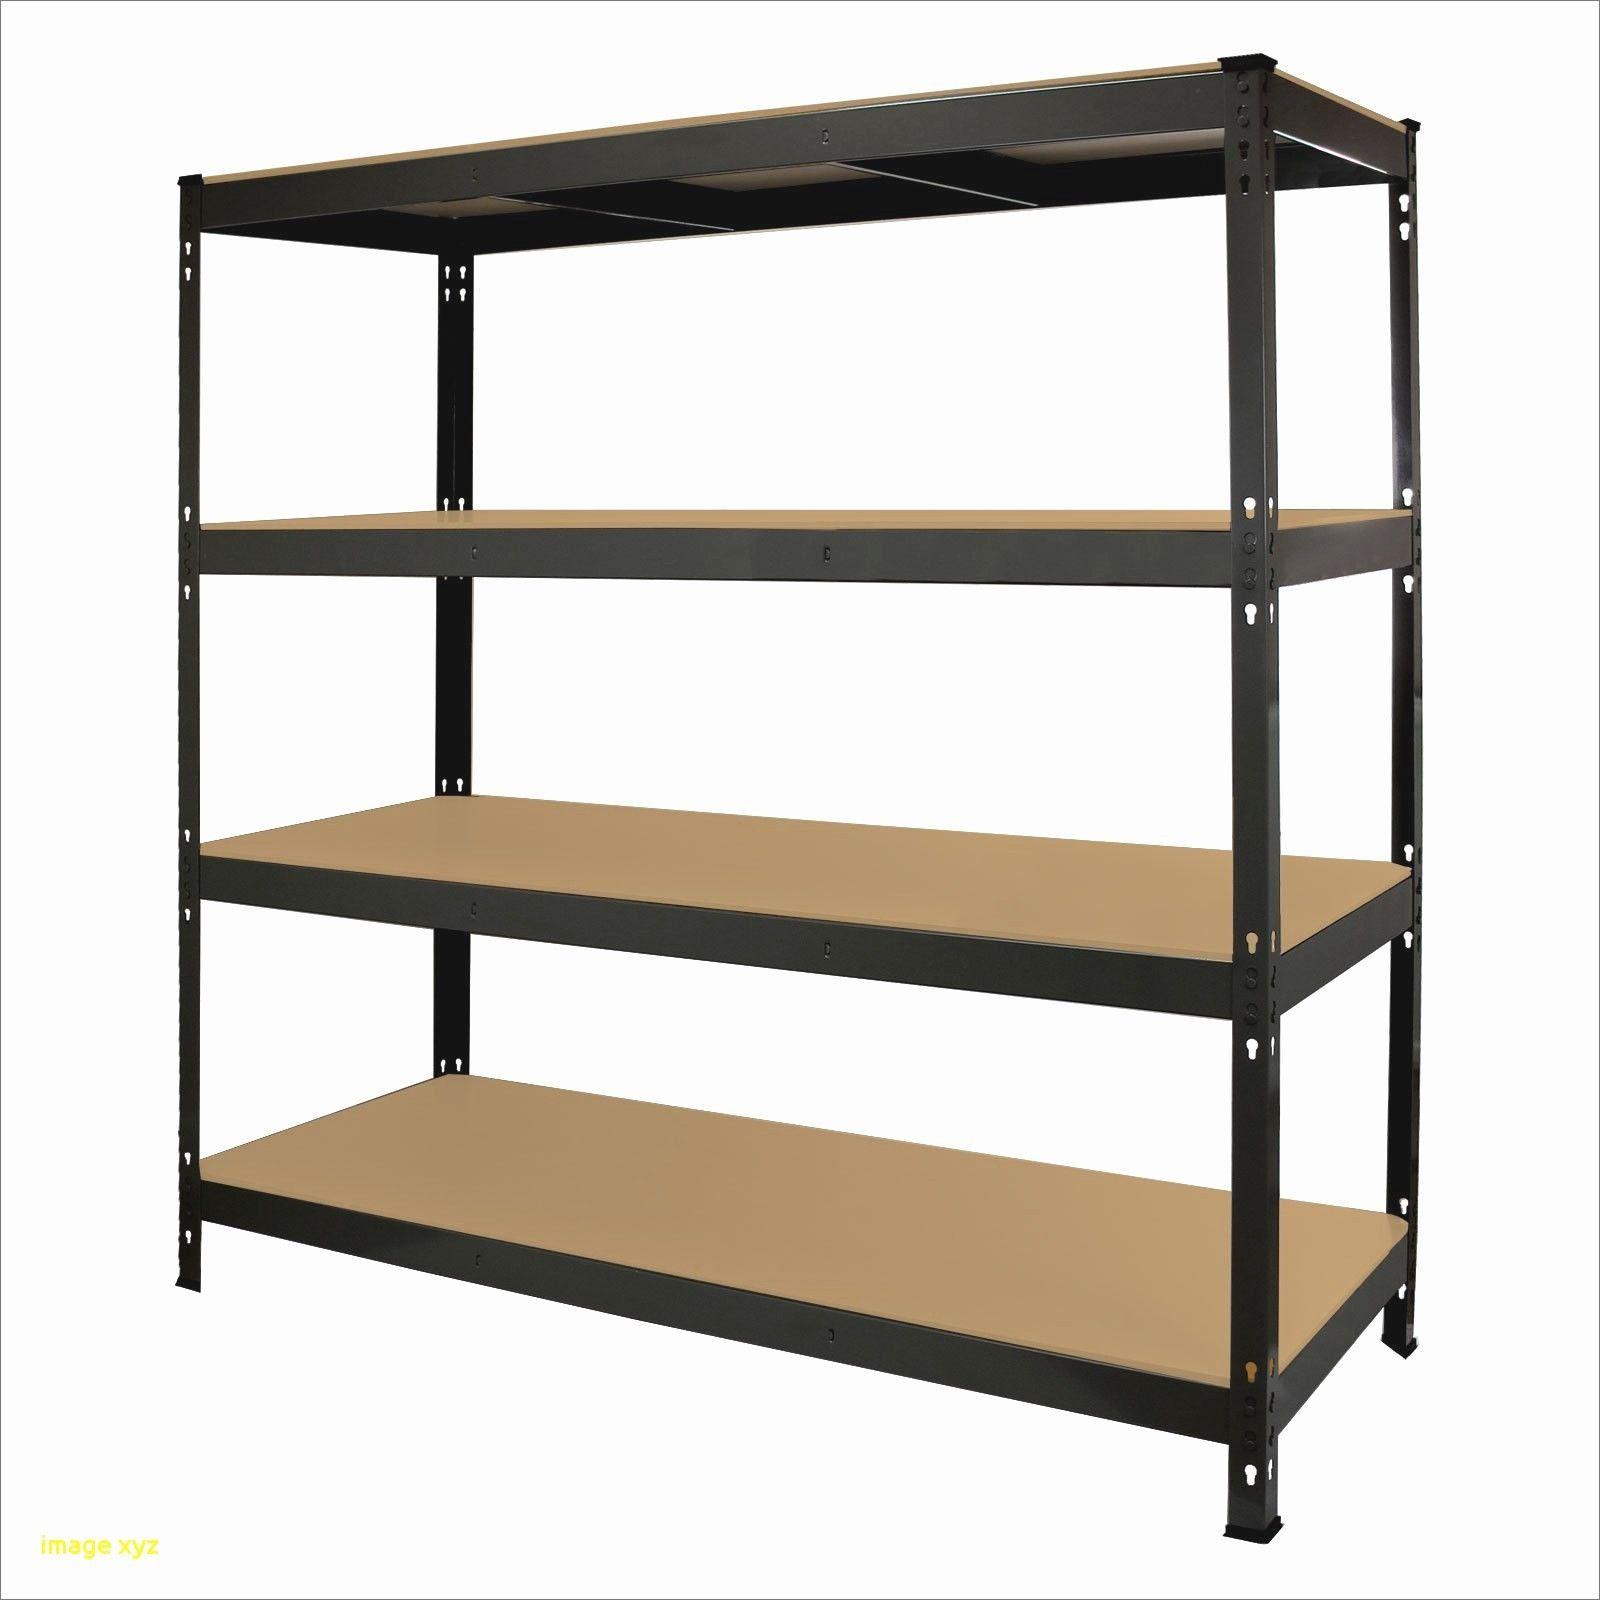 New Etagere Metallique Garage Diy Garage Storage Cabinets Metal Bookcase Wall Storage Shelves